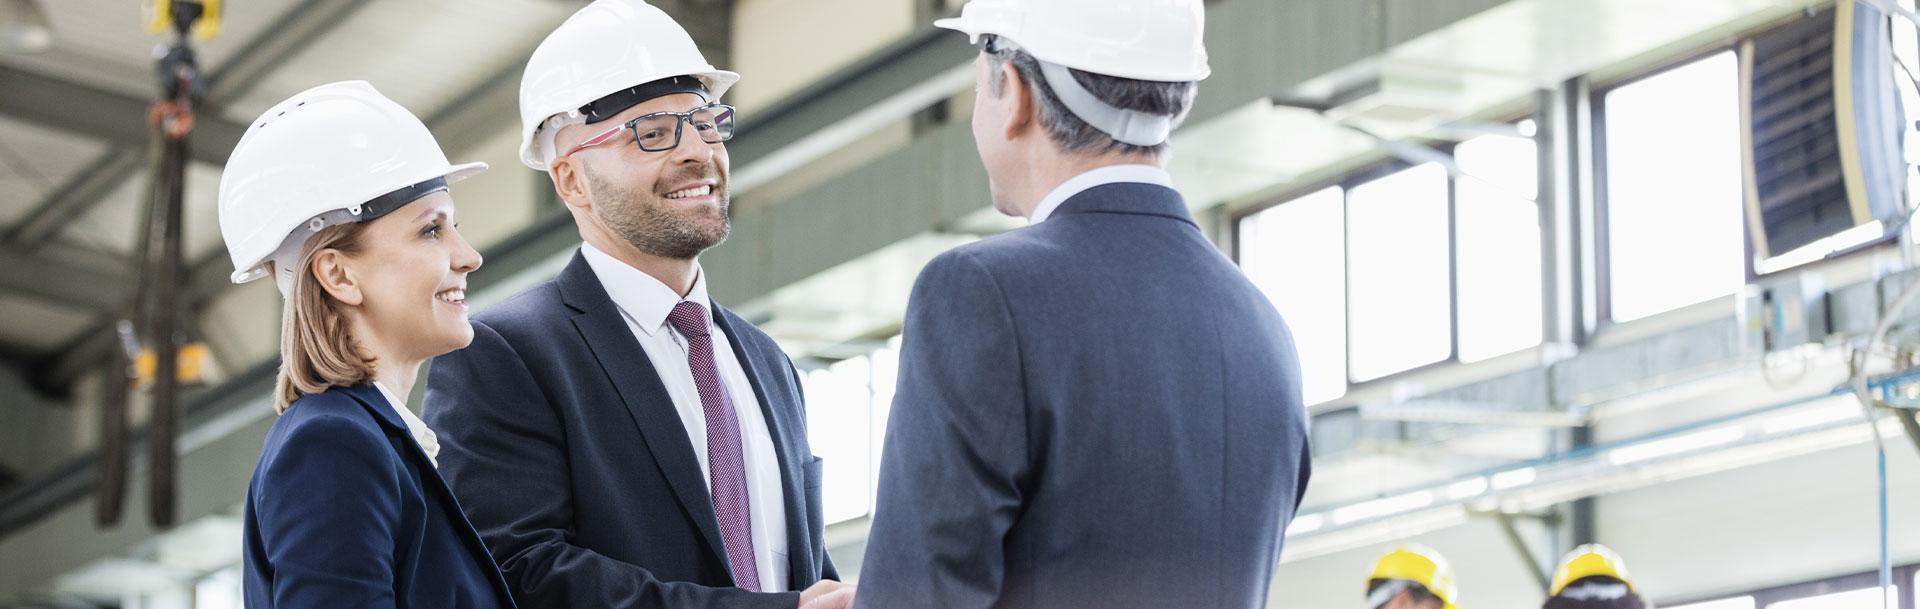 Drei Personen mit weißen Helmen in Business-Anzügen